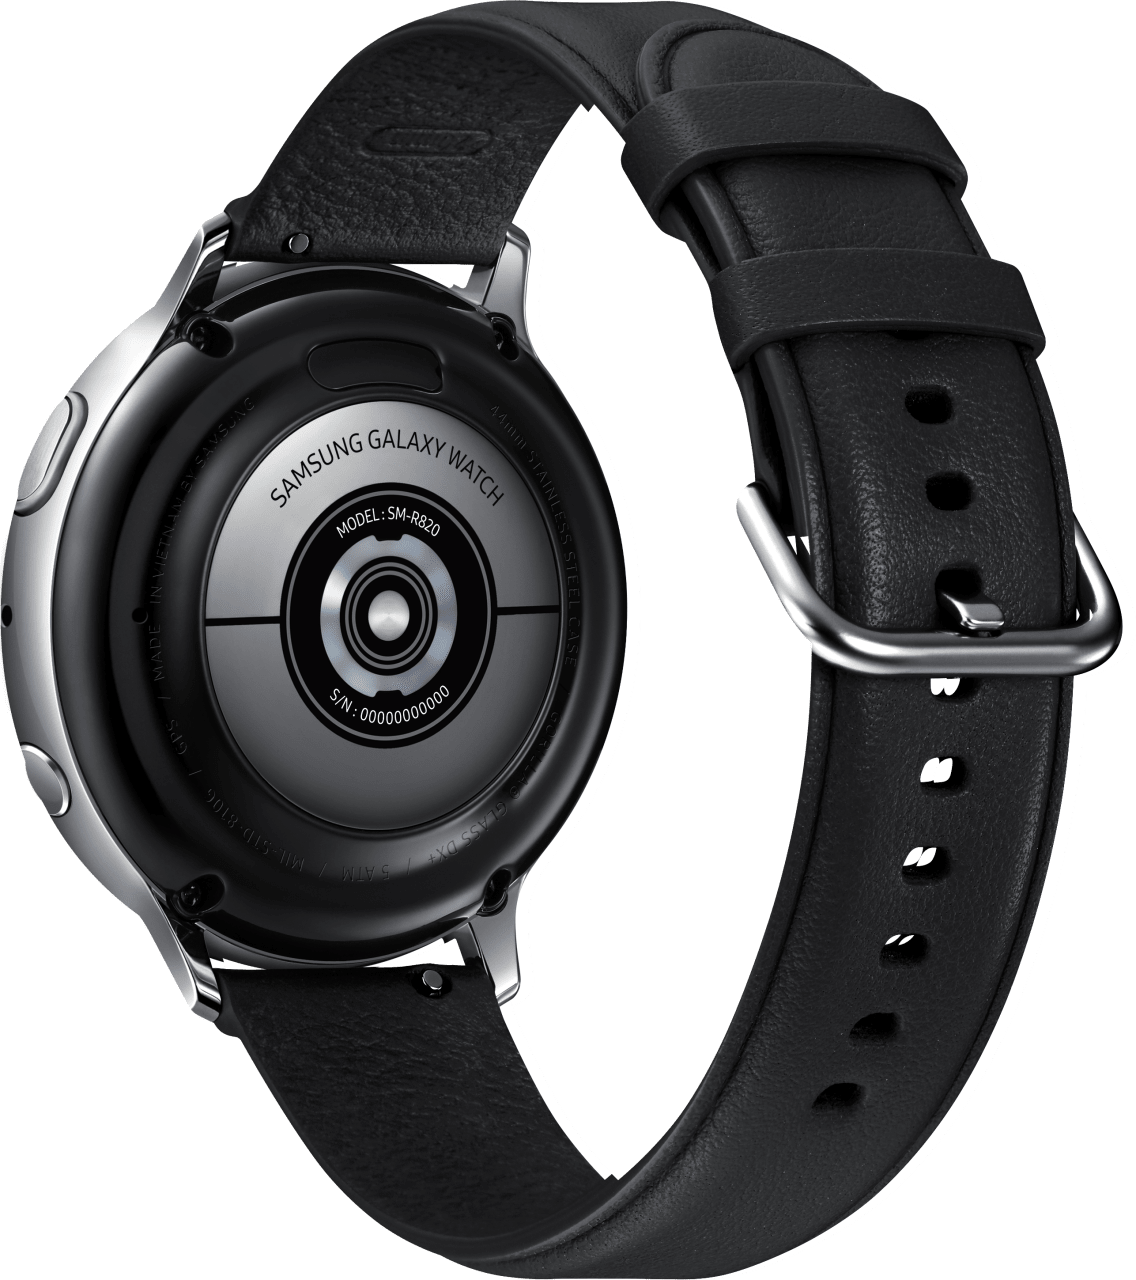 Silber Samsung Galaxy Watch Active2, 44mm.3